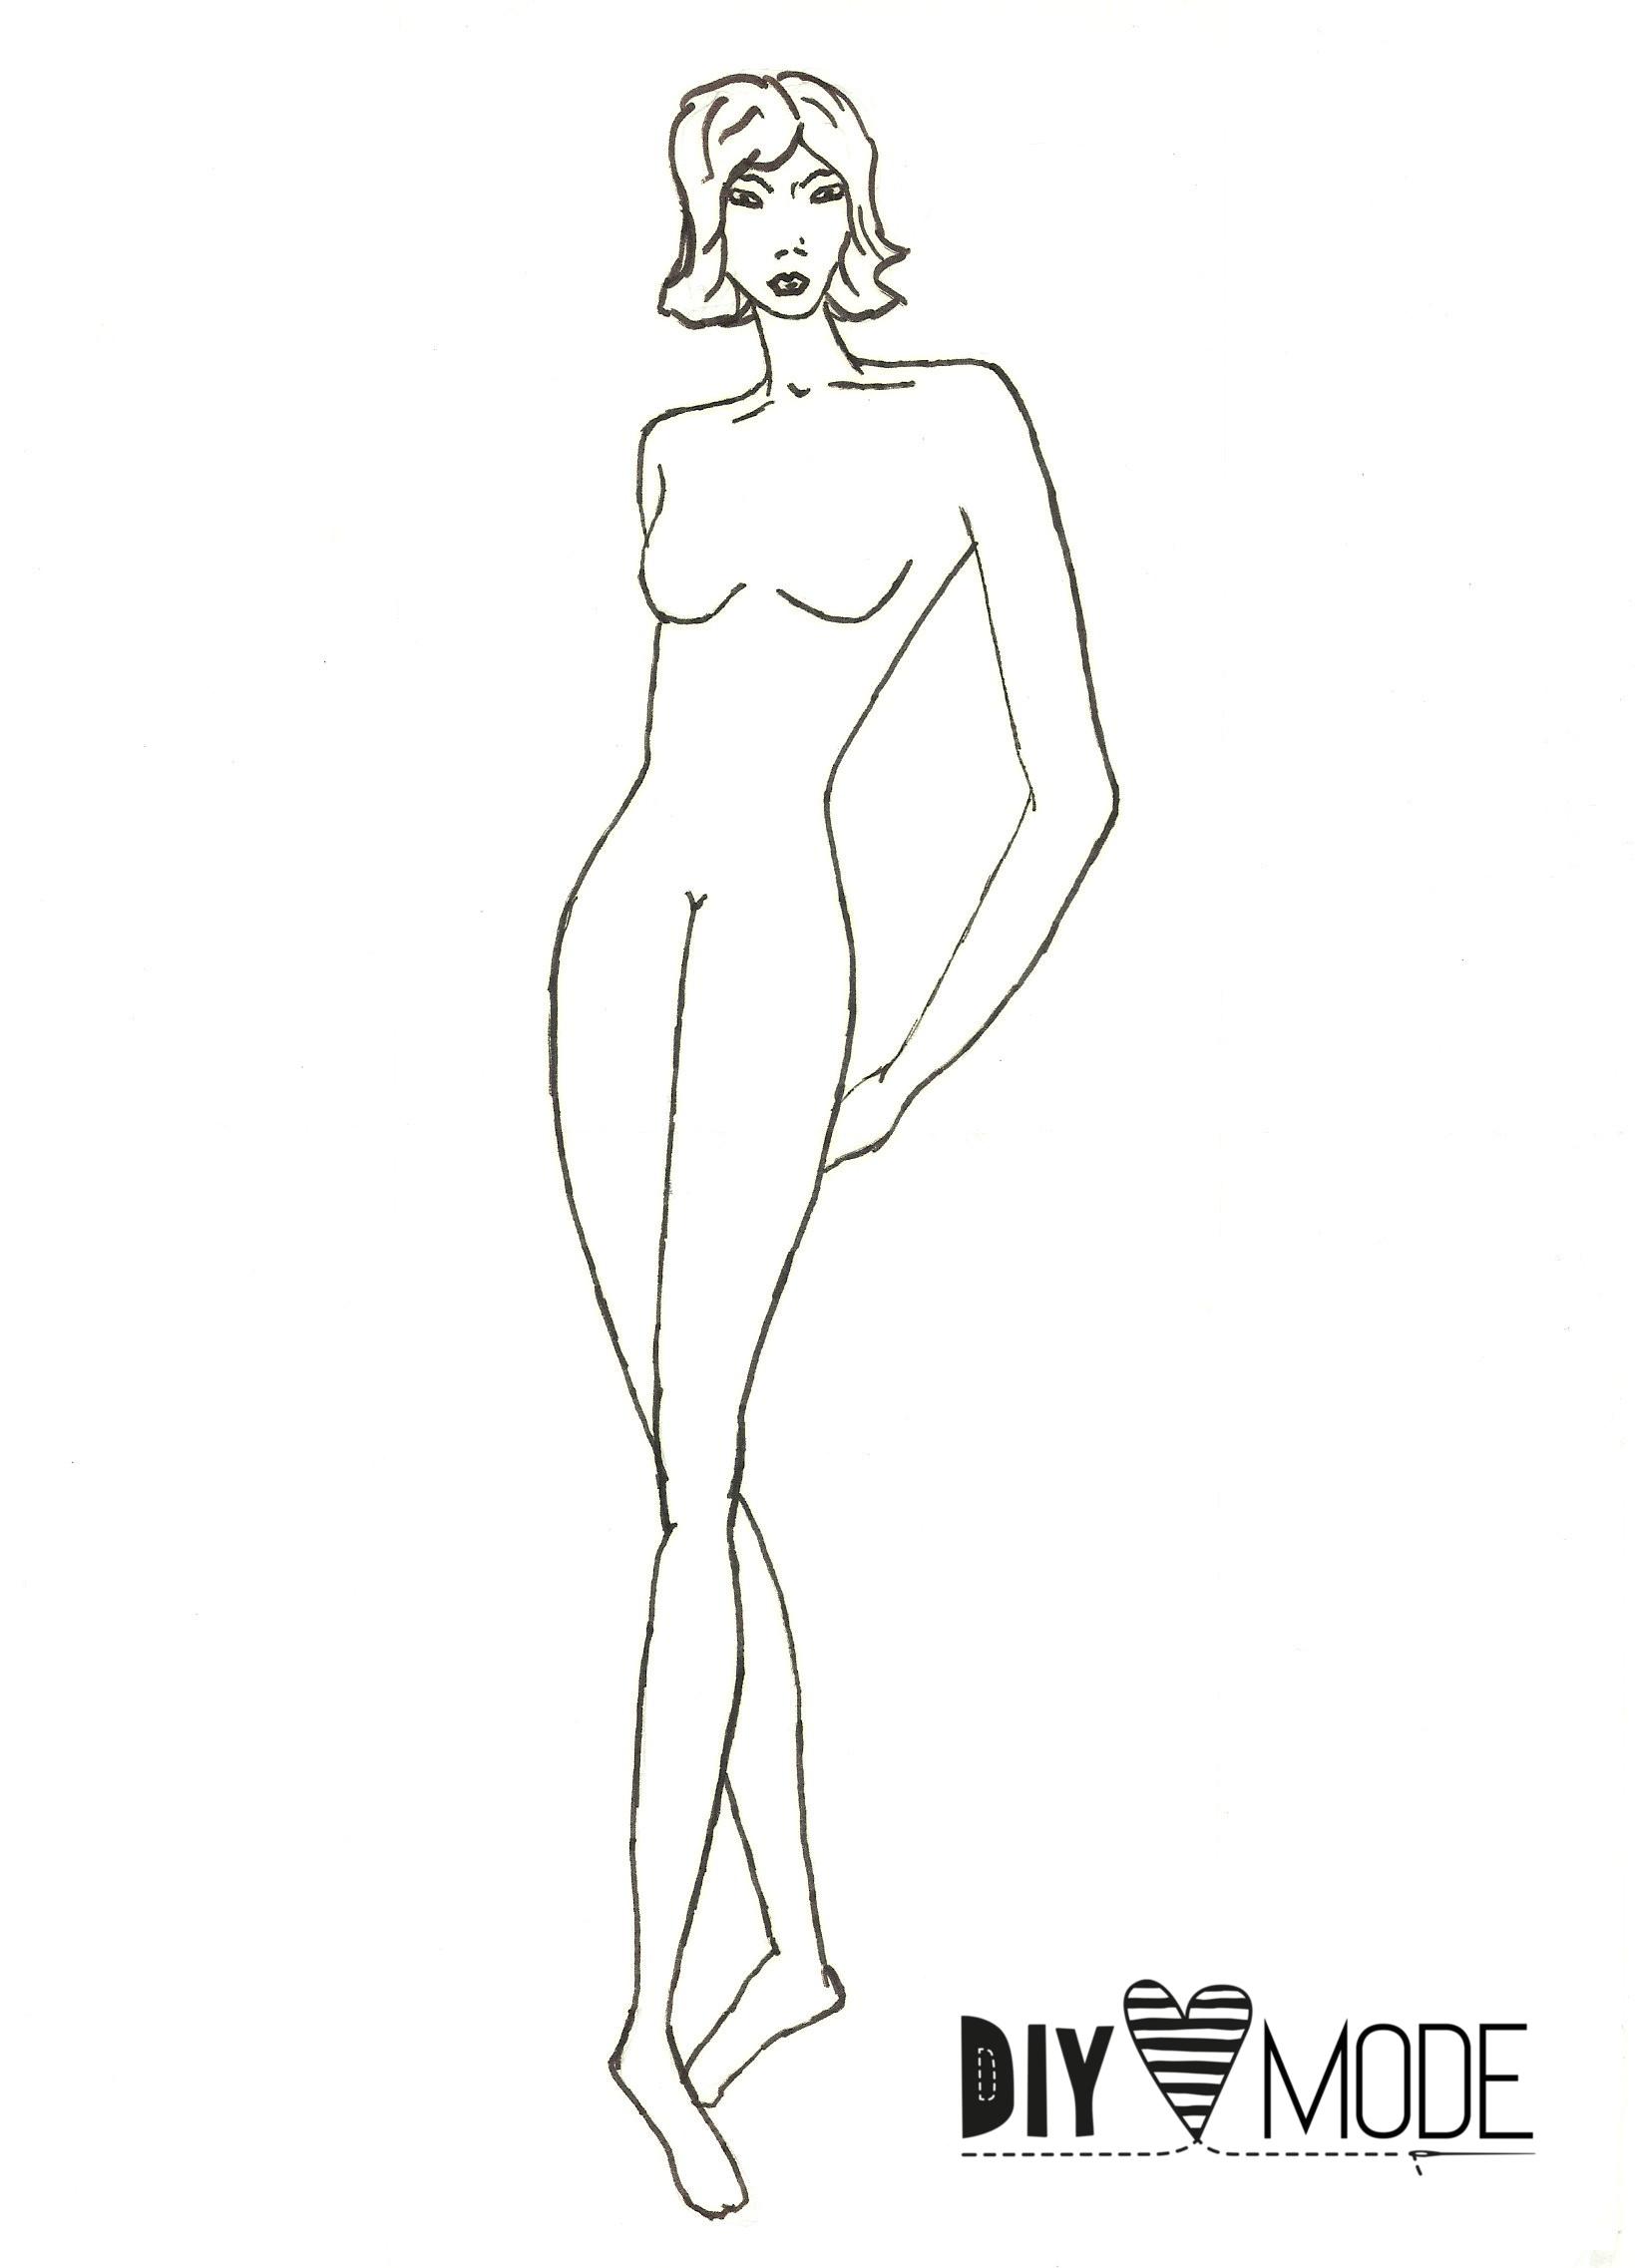 DIY Modezeichnen kostenlose Vorlage Frau Model download runterladen